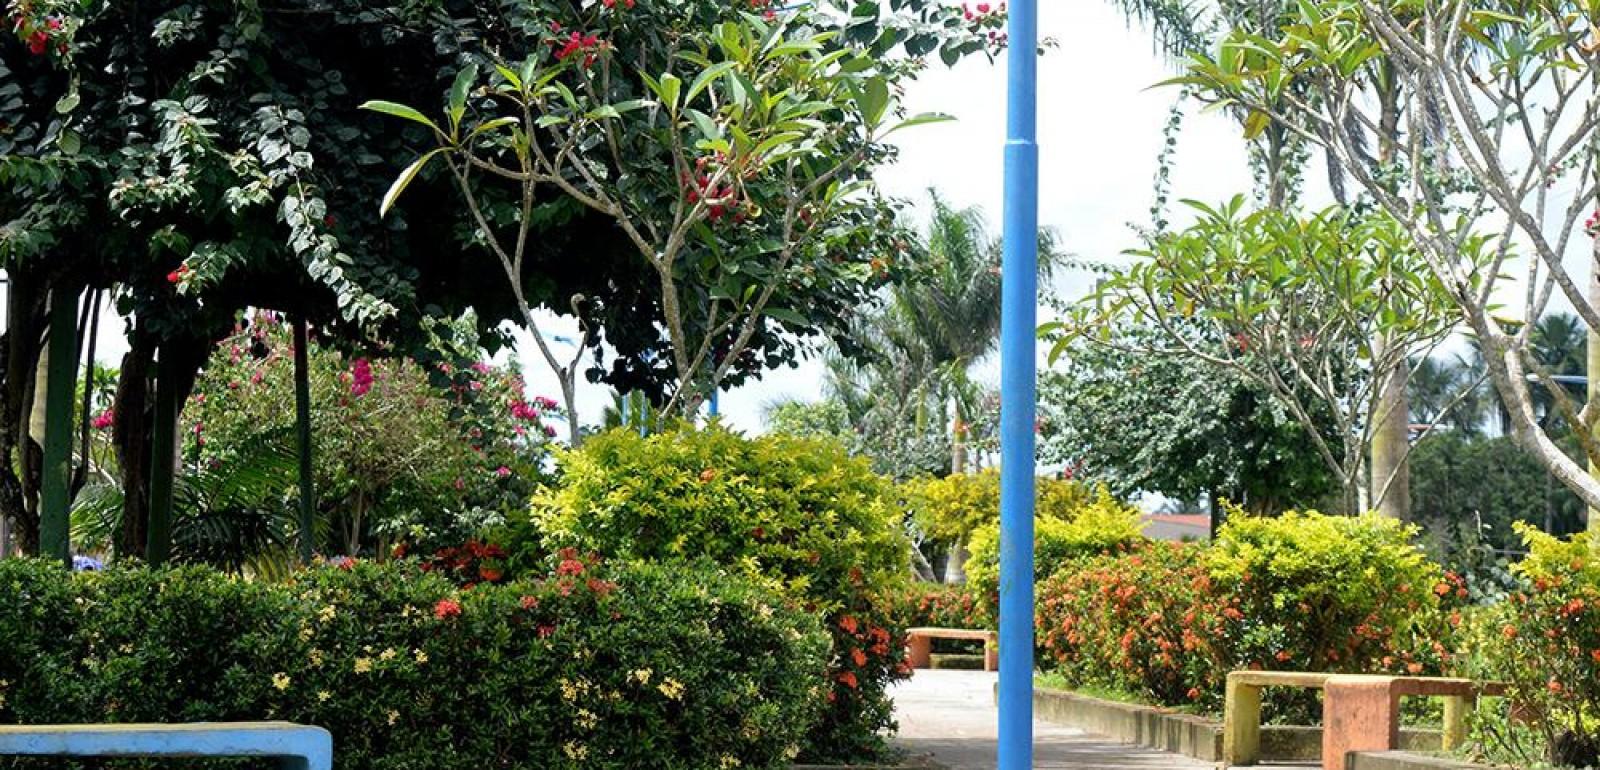 Bem Vindo a Junco do Maranhão  - Foto 1 de 9